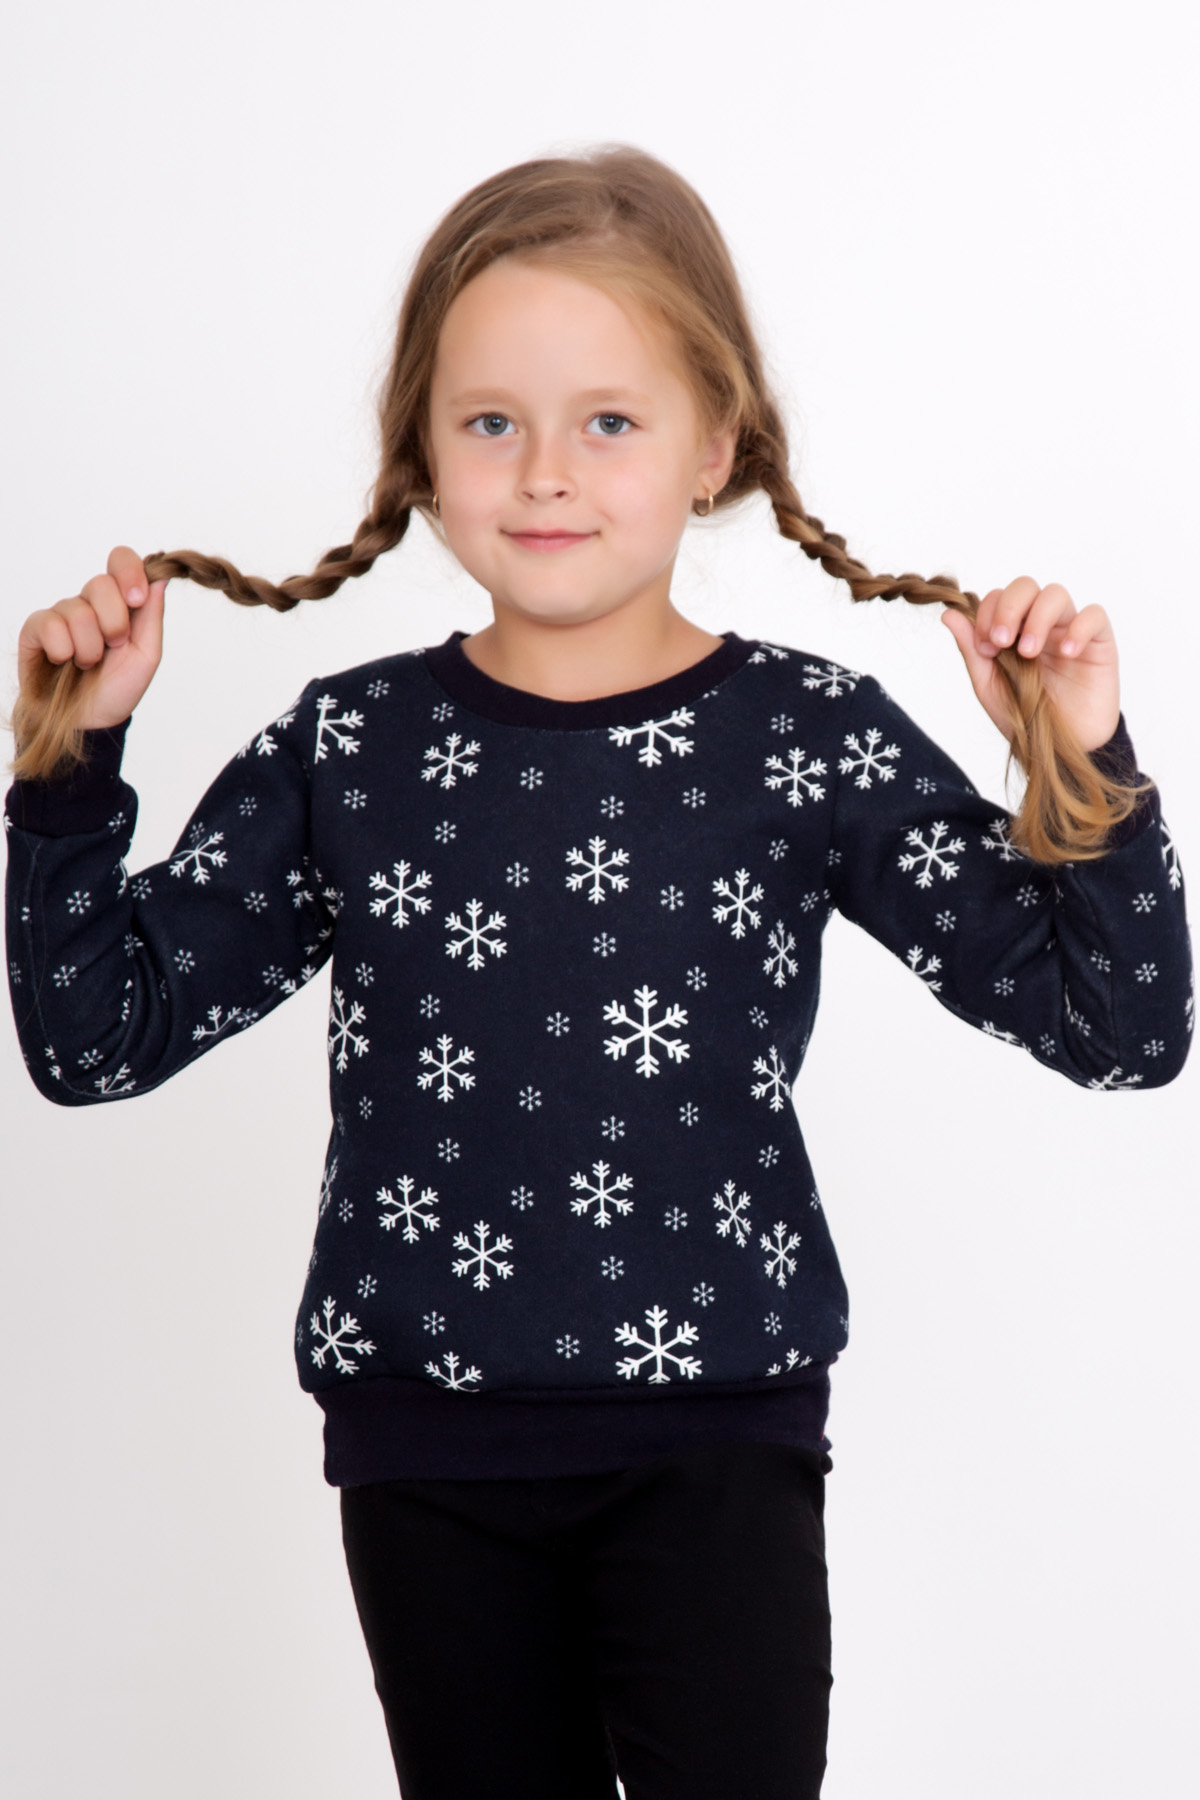 Дет. толстовка Снежинка р. 36Джемпера и толстовки<br><br><br>Тип: Дет. толстовка<br>Размер: 36<br>Материал: Футер